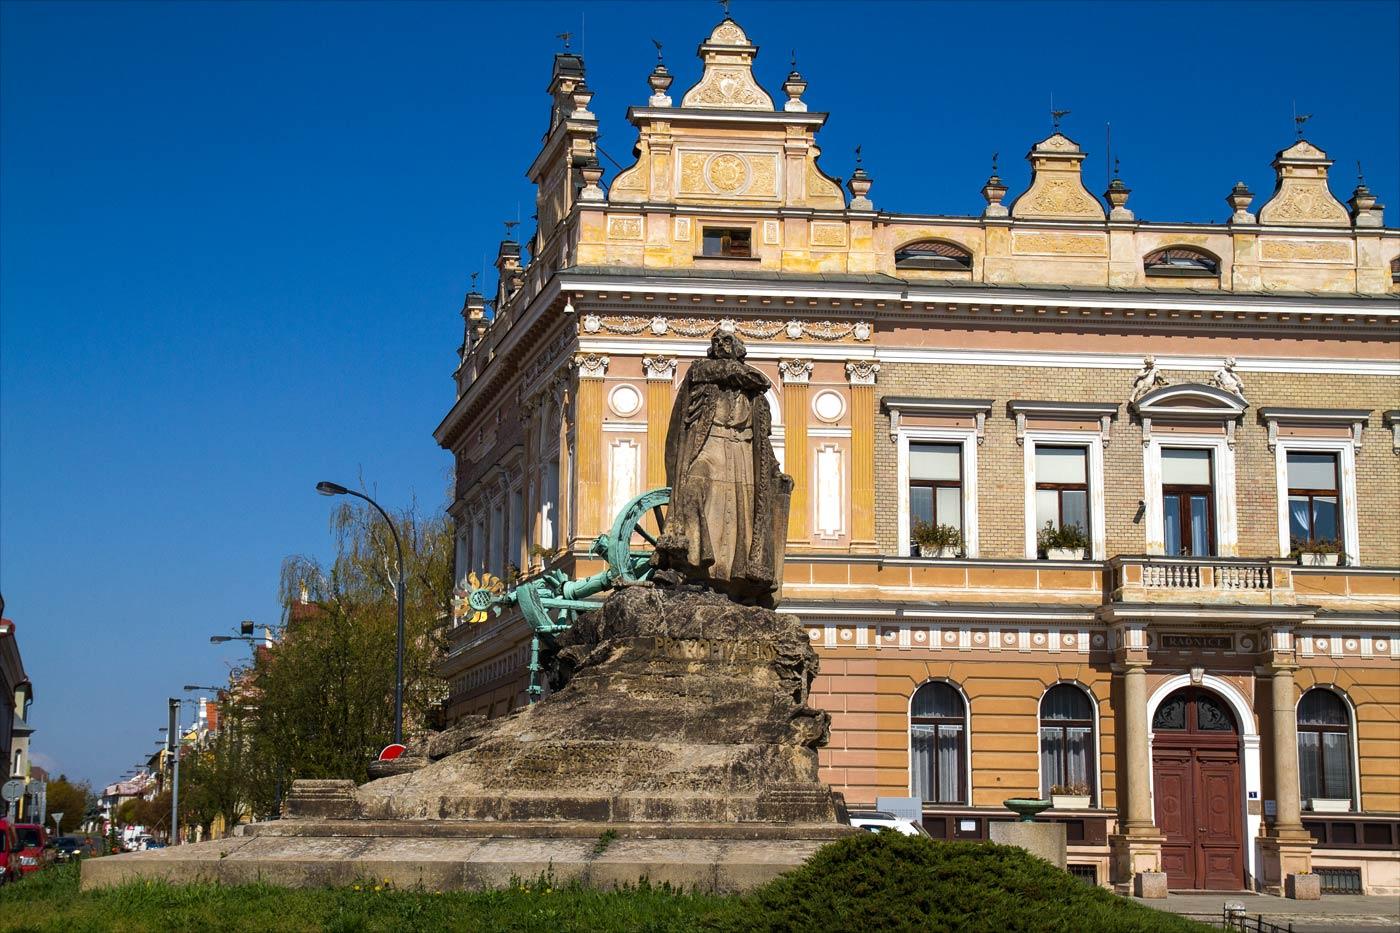 Памятник гуситскому военачальнику Прокопу Великому в Чешском Броде